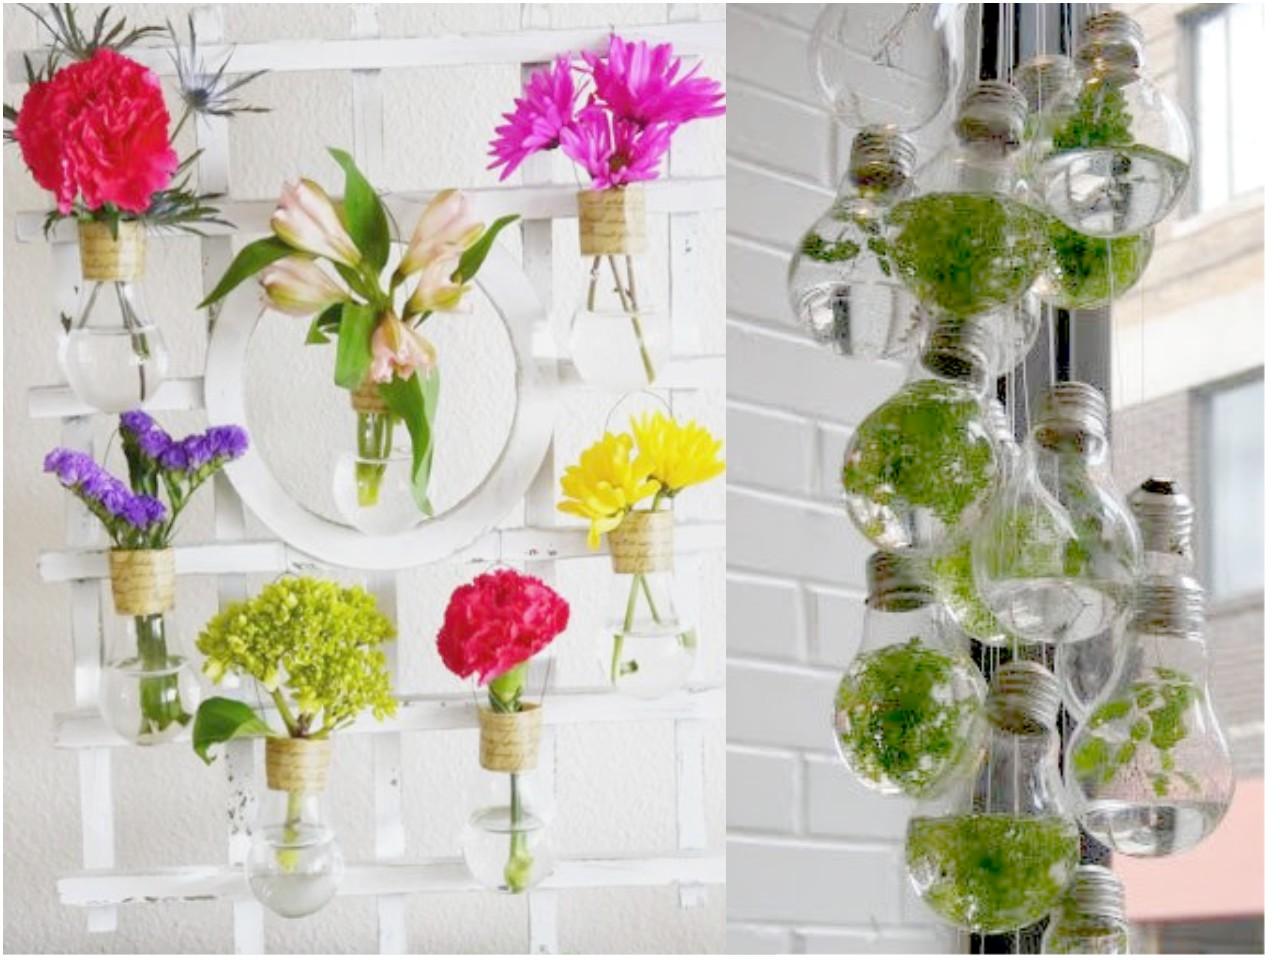 10 ideas de decoraci n con bombillas recicladas for Cosas de decoracion